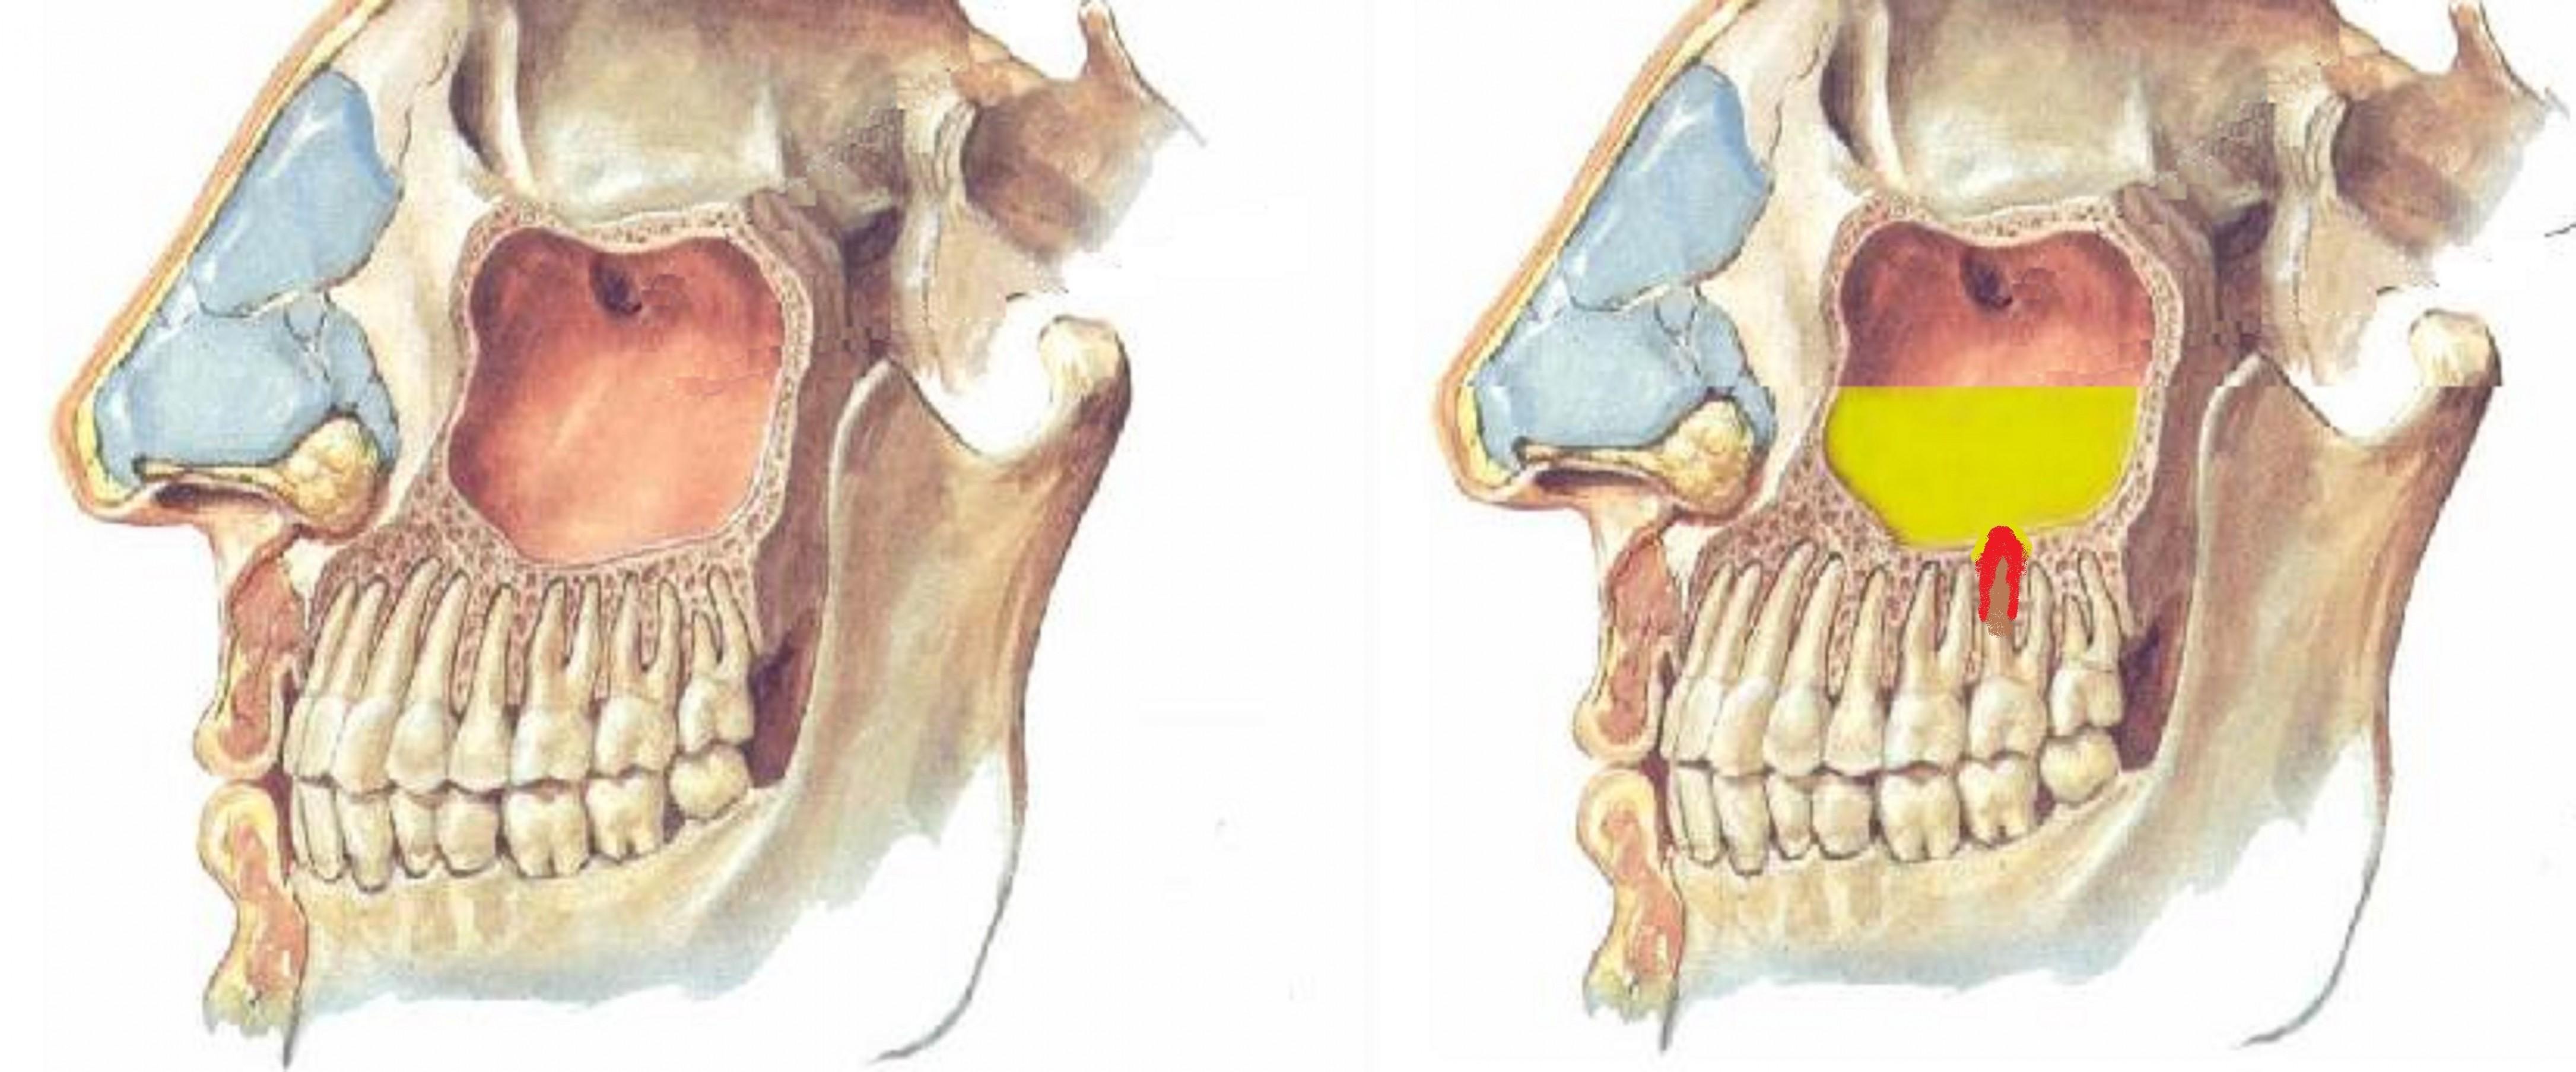 Гайморит, киста верхнечелюстной пазухи, пропало обоняние после посещения стоматолога